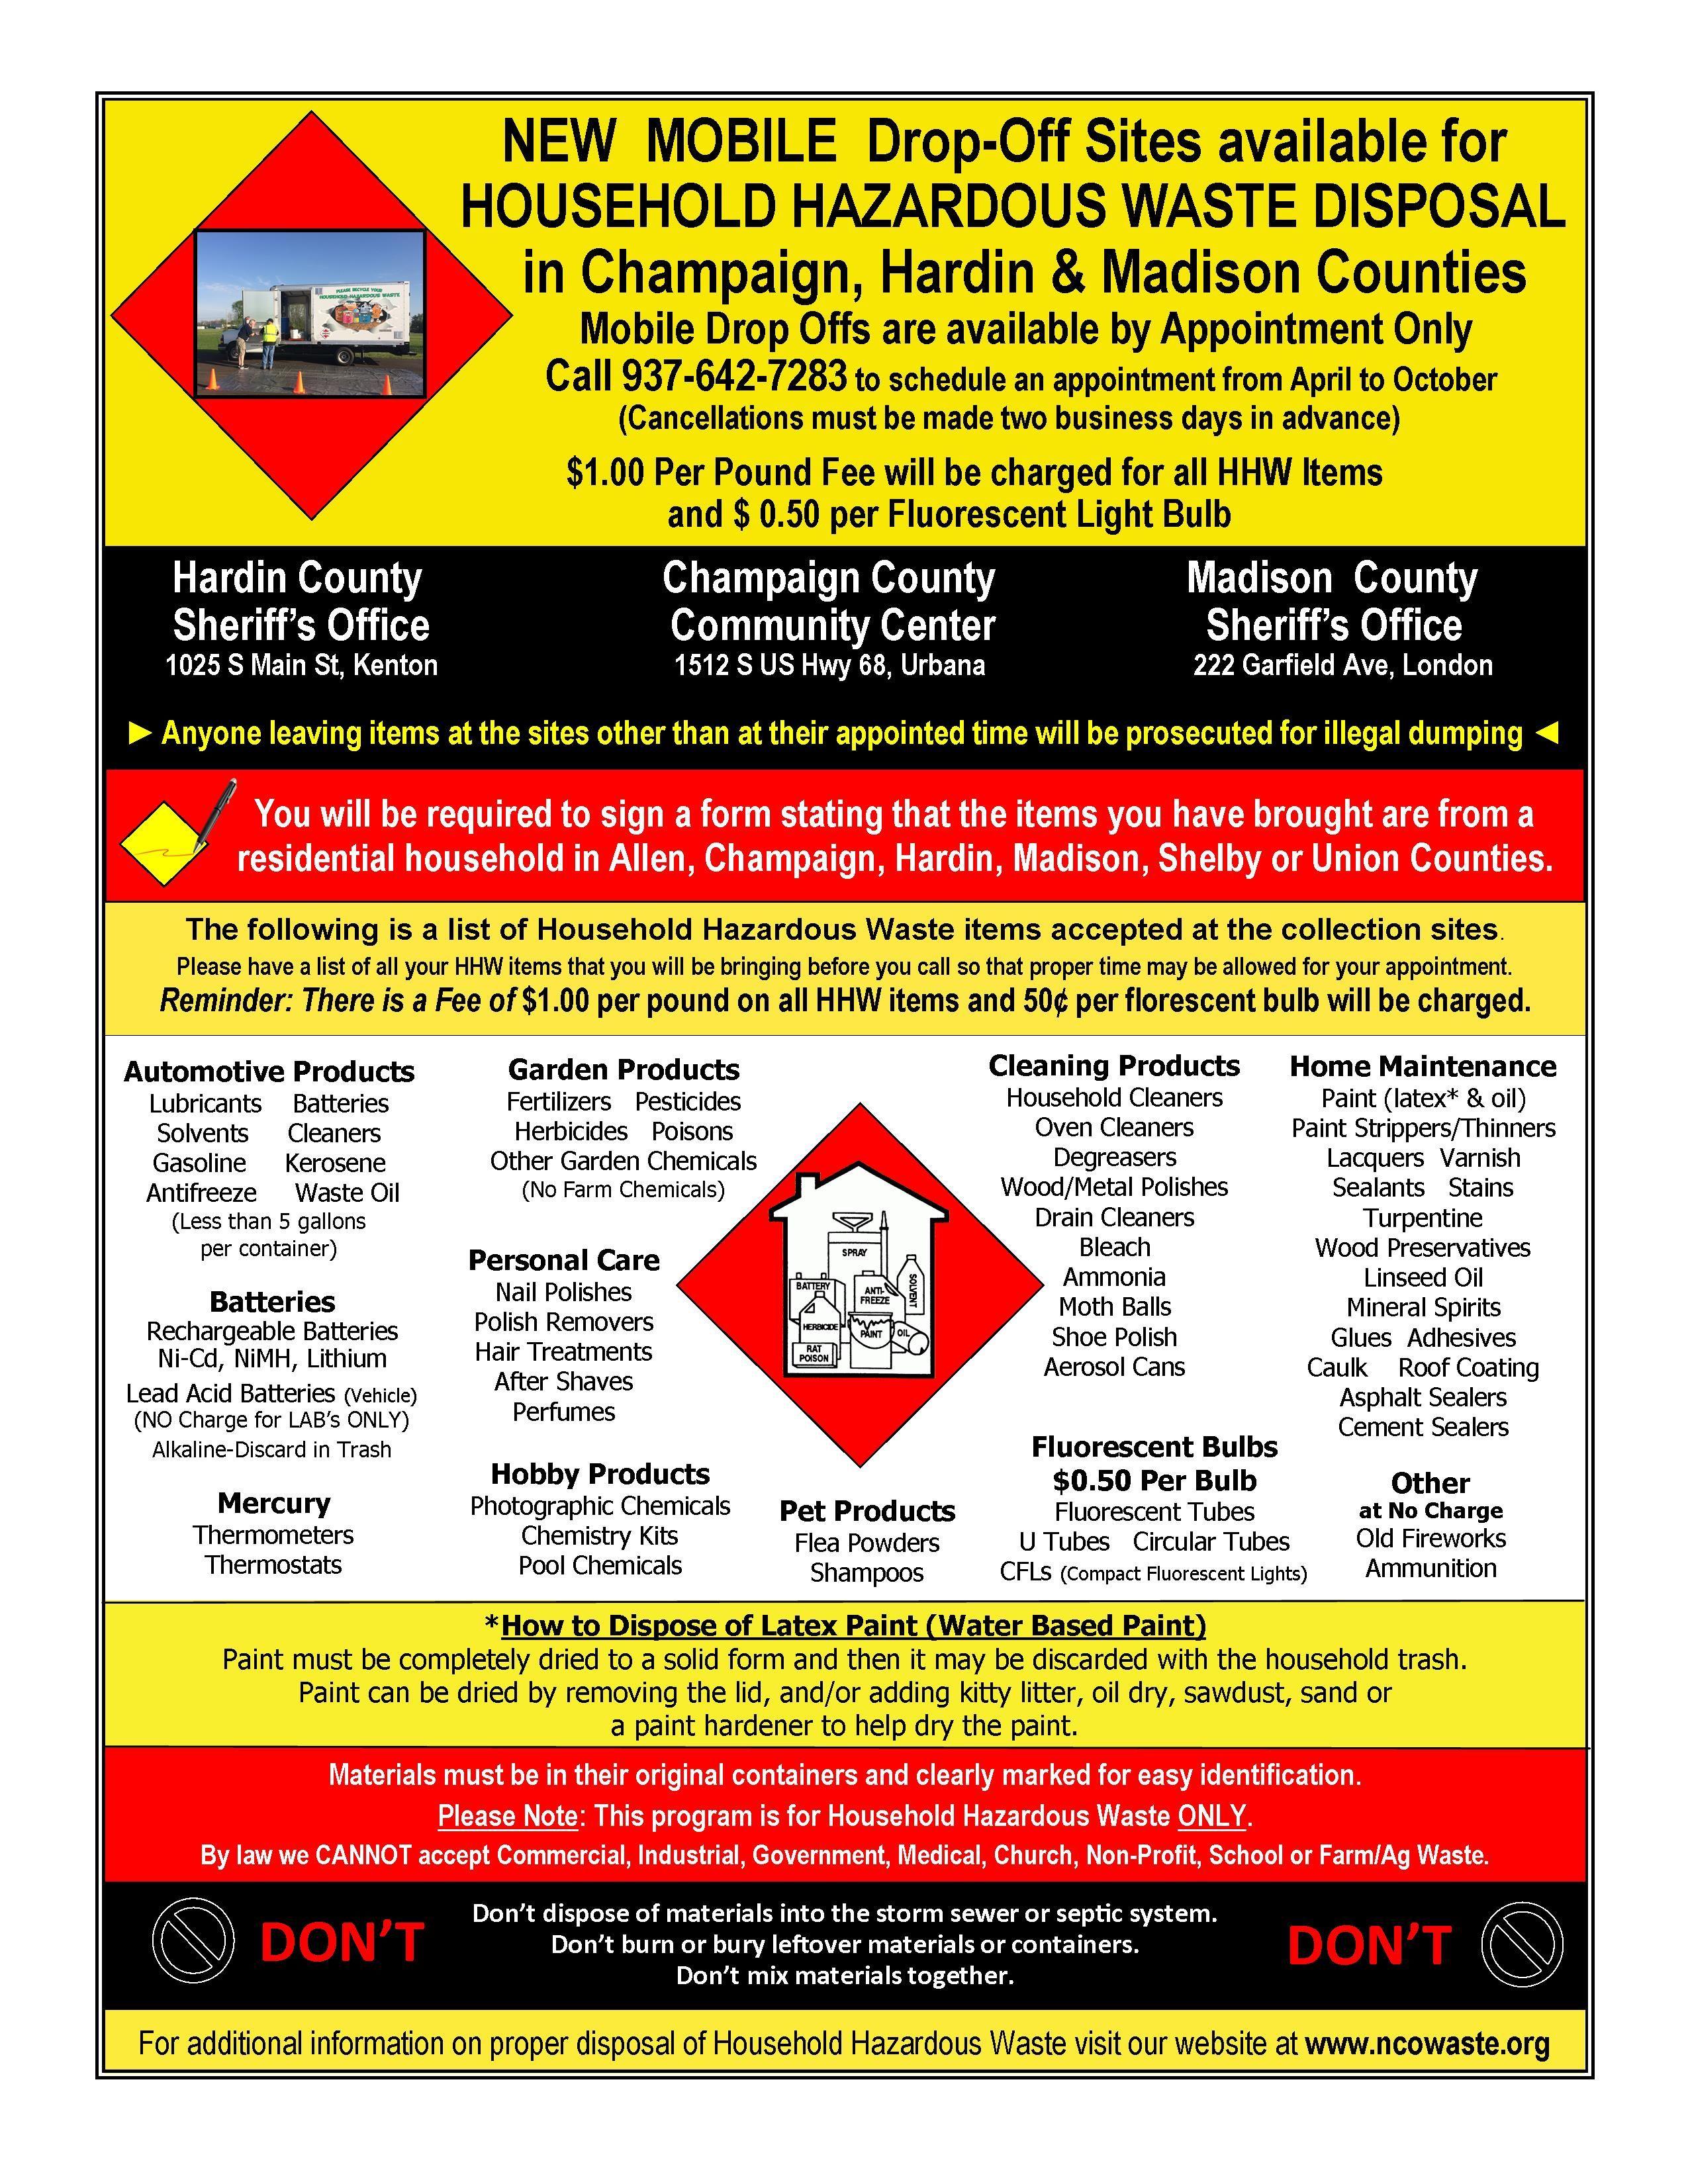 Household Hazardous Waste Disposal Household Hazardous Waste Hazardous Waste Waste Disposal